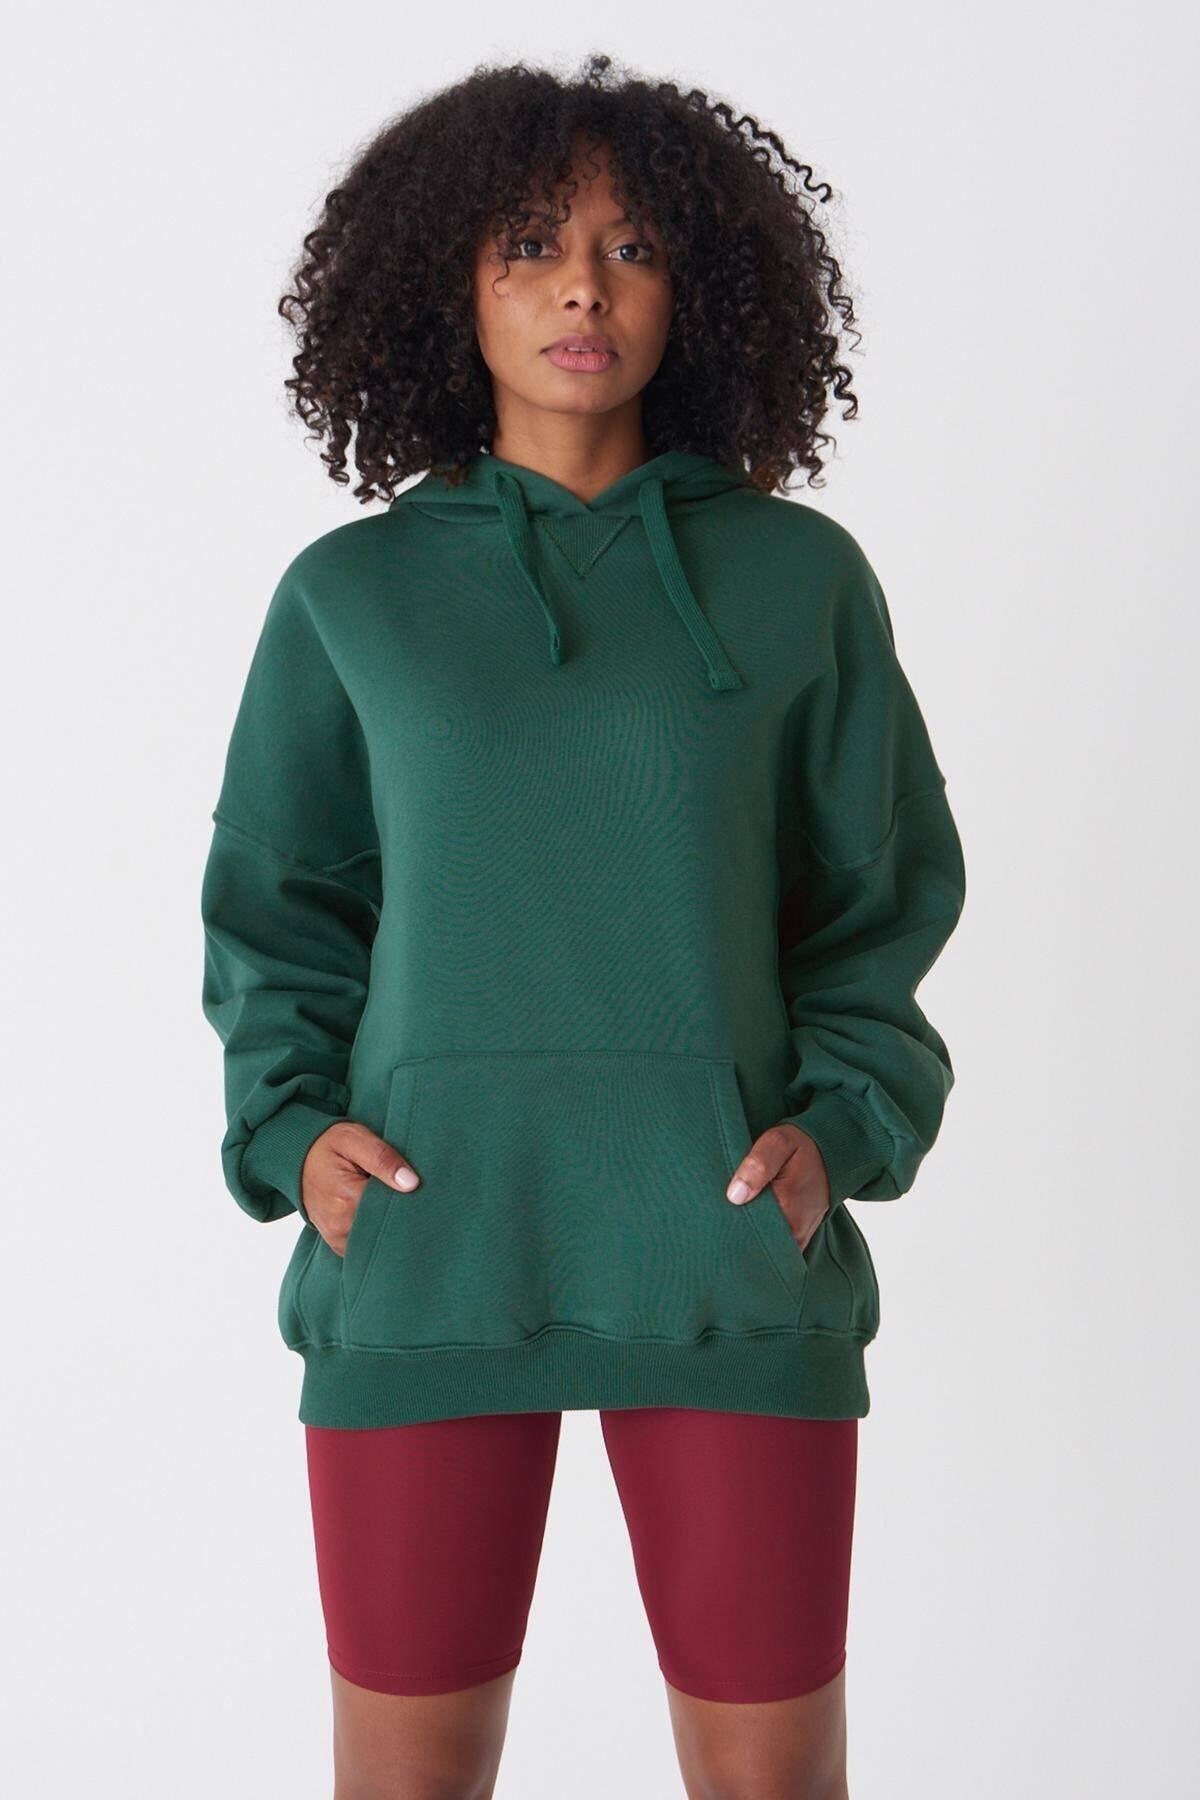 Addax Kadın Zümrüt Kapüşonlu Sweatshirt ADX-0000014040 1